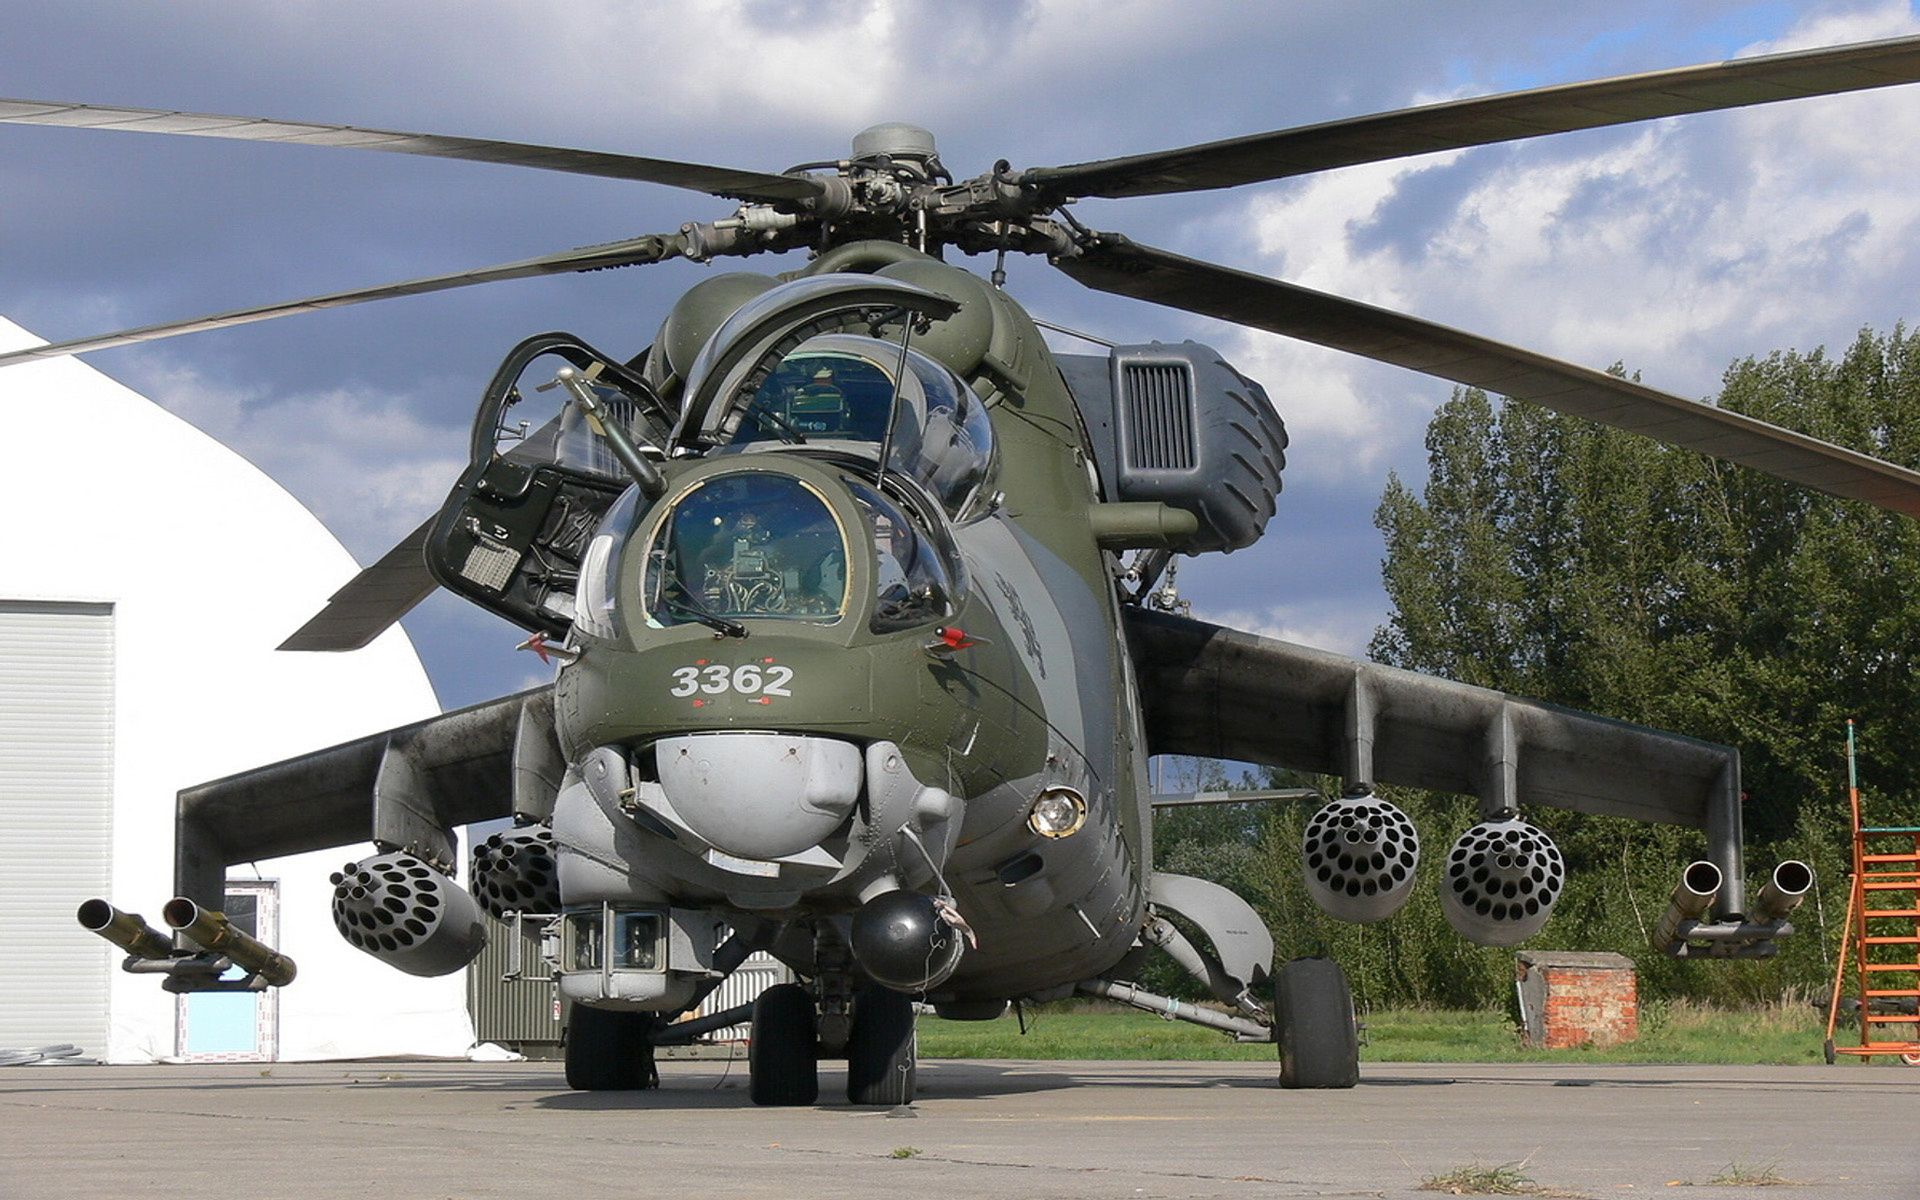 Обои летательные аппараты, картинки, самолеты, обои, вертолеты. Авиация foto 12